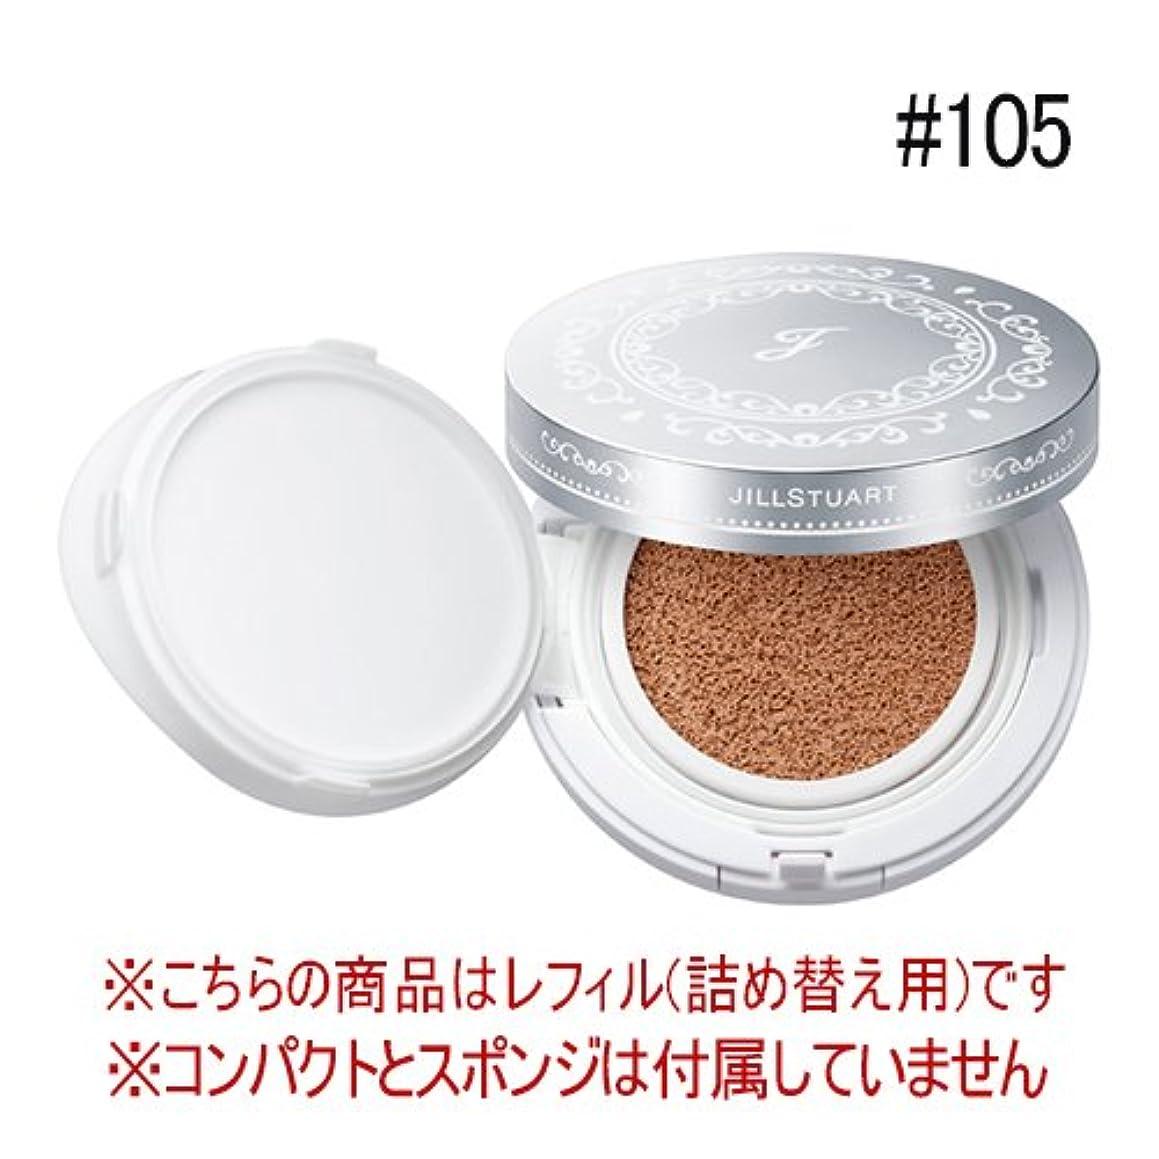 バラエティベリ貴重なジルスチュアート ピュアエッセンス クッションコンパクト (レフィル)【#105】 #tan SPF40/PA+++ 15g